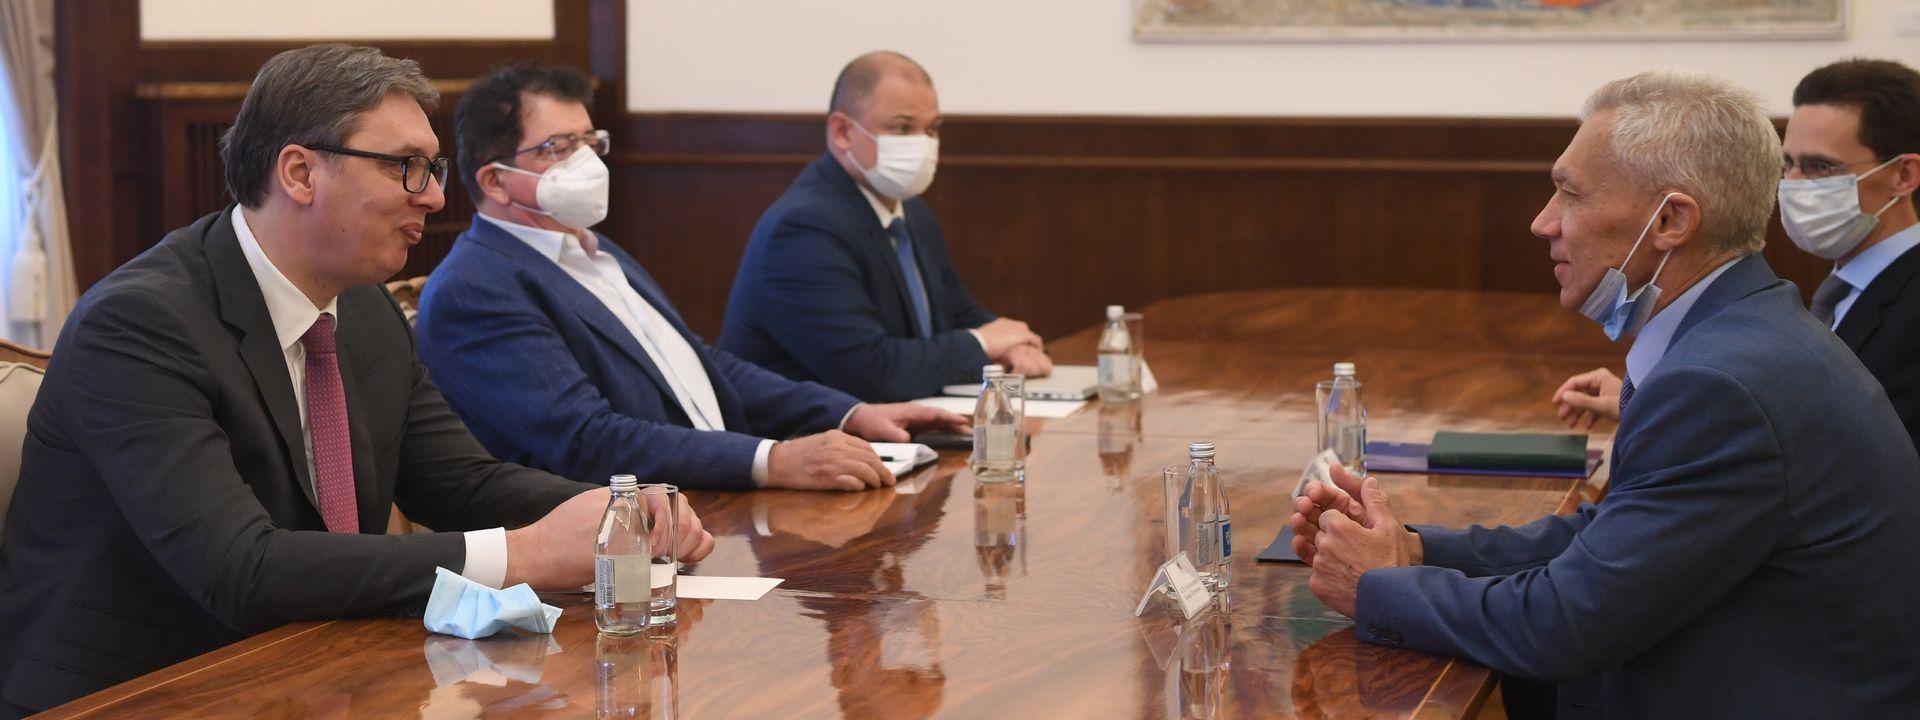 Боцан-Харченко потврдио активну подршку Русије у одбрани територијалног интегритета Србије